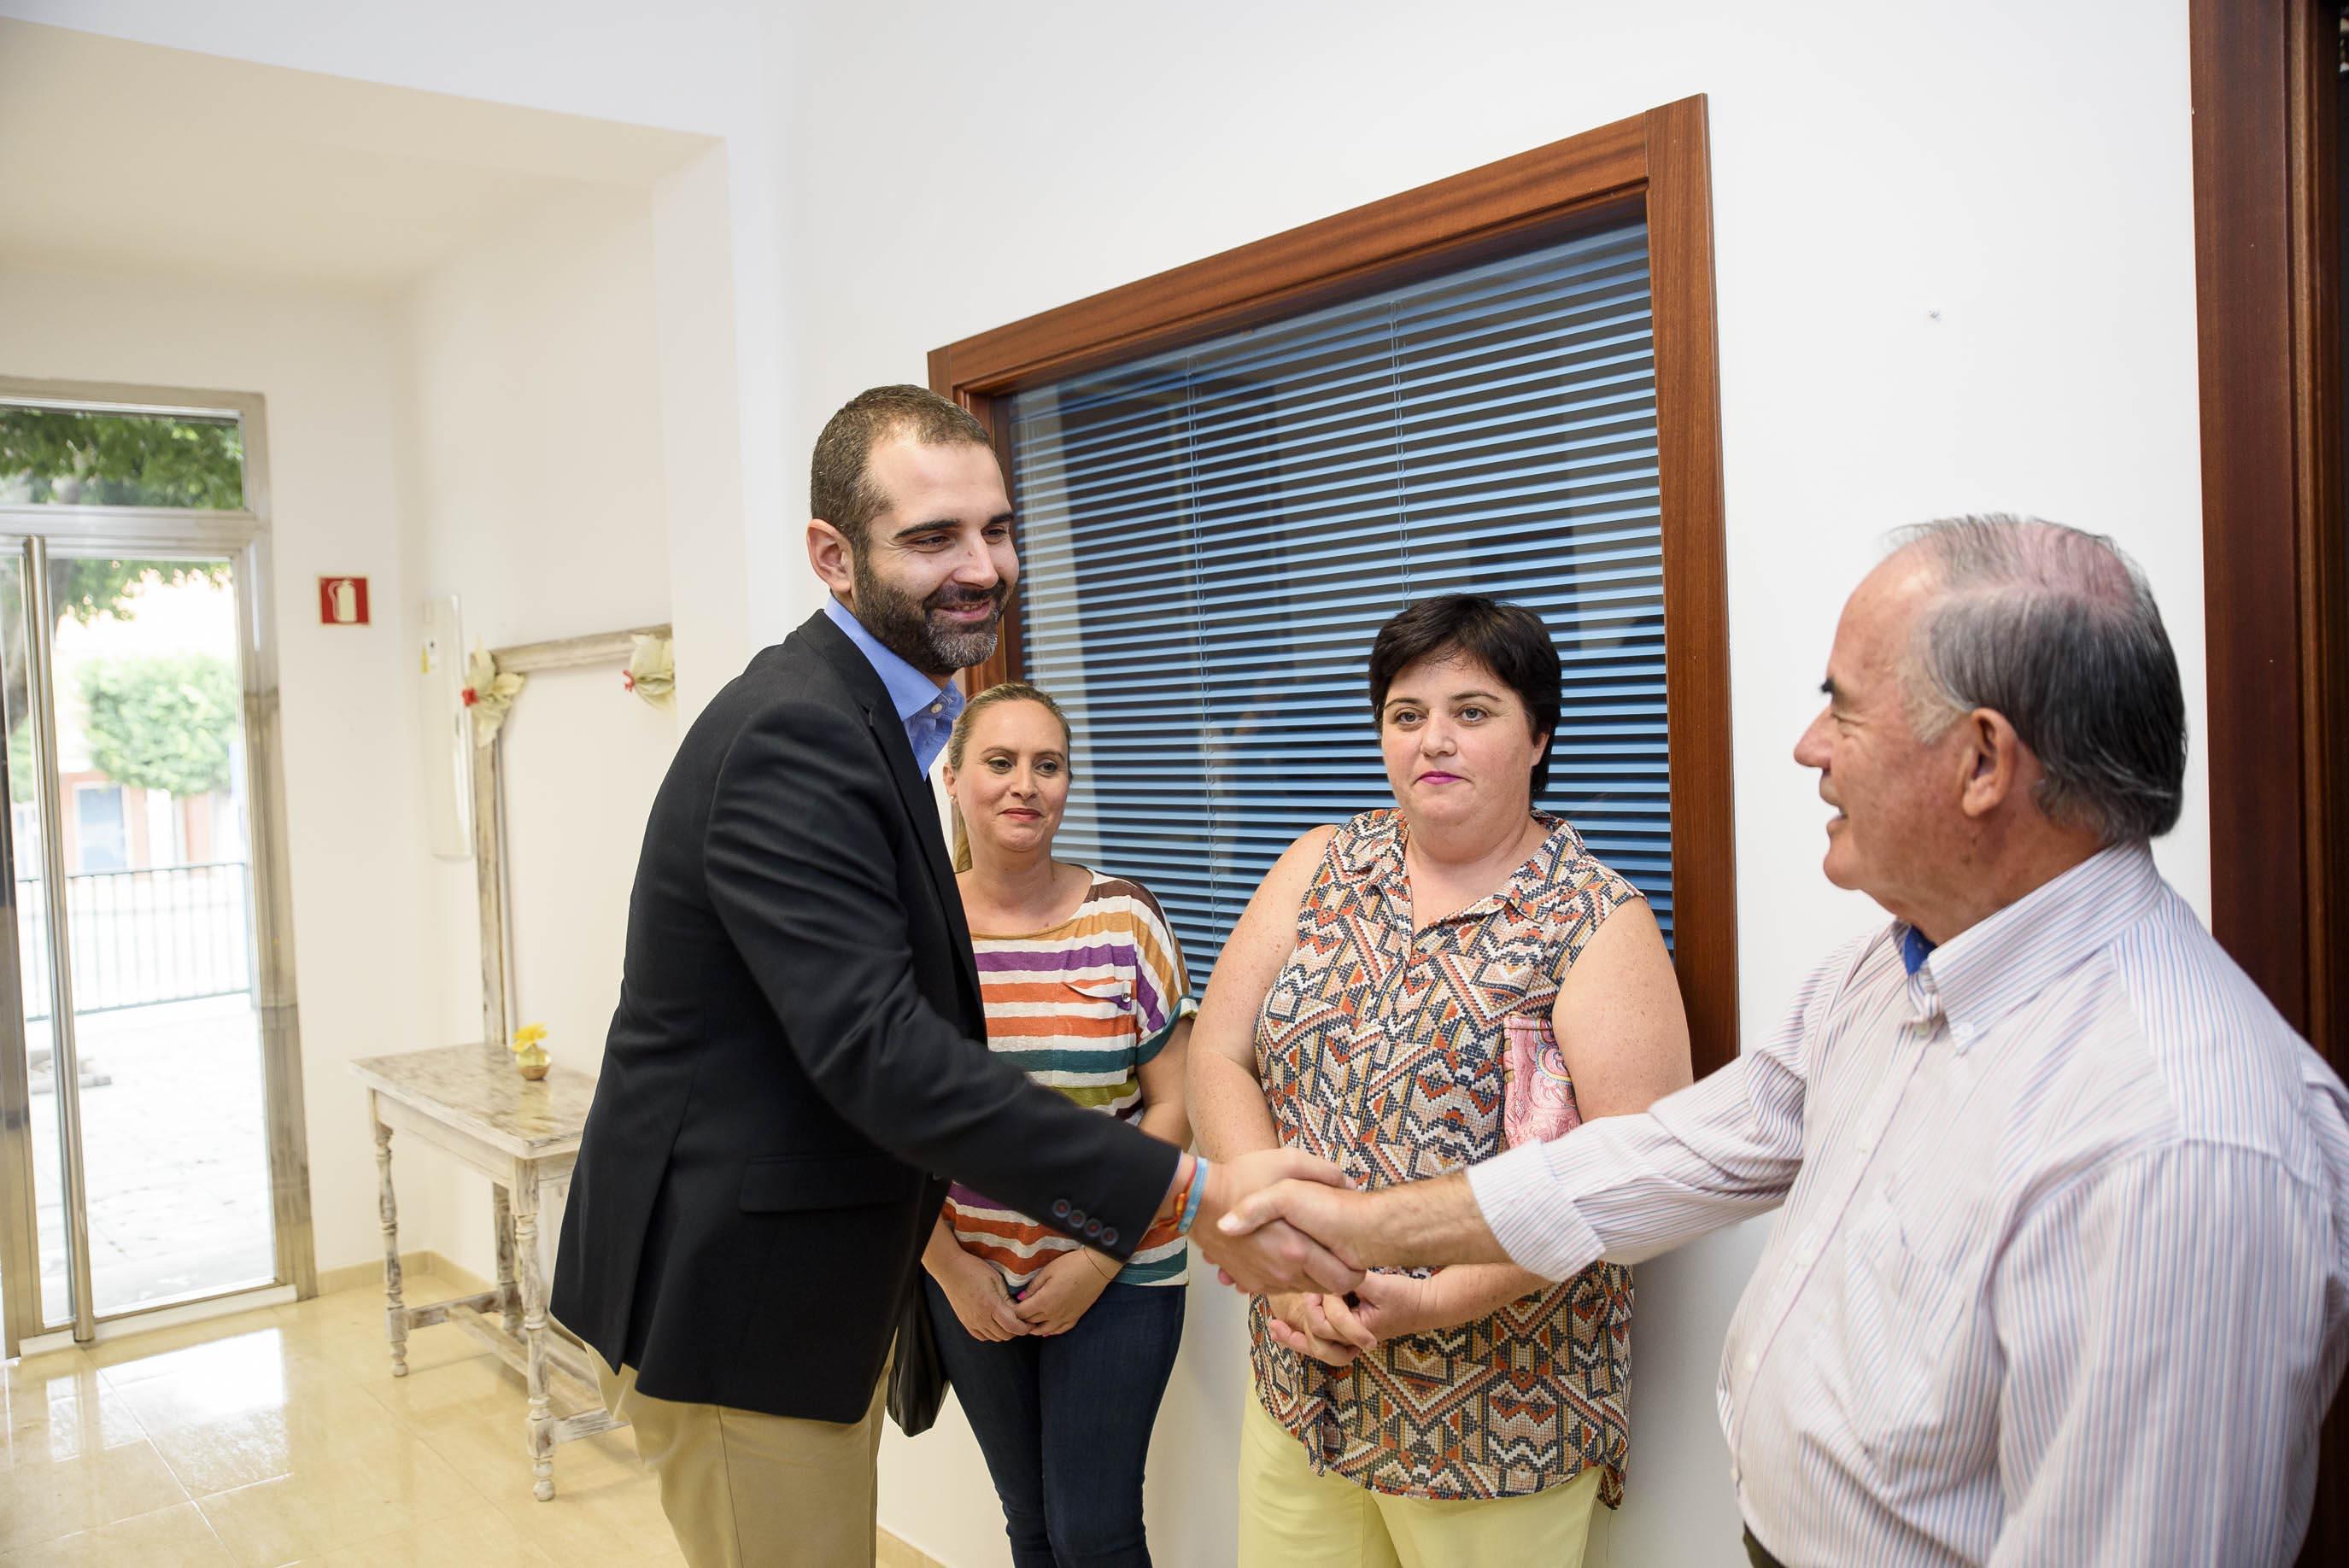 El alcalde visita la nueva sede que el Ayuntamiento ha cedido a la Asociación de Vecinos 'Milhojas' de Torrecárdenas en el antiguo mercado del barrio